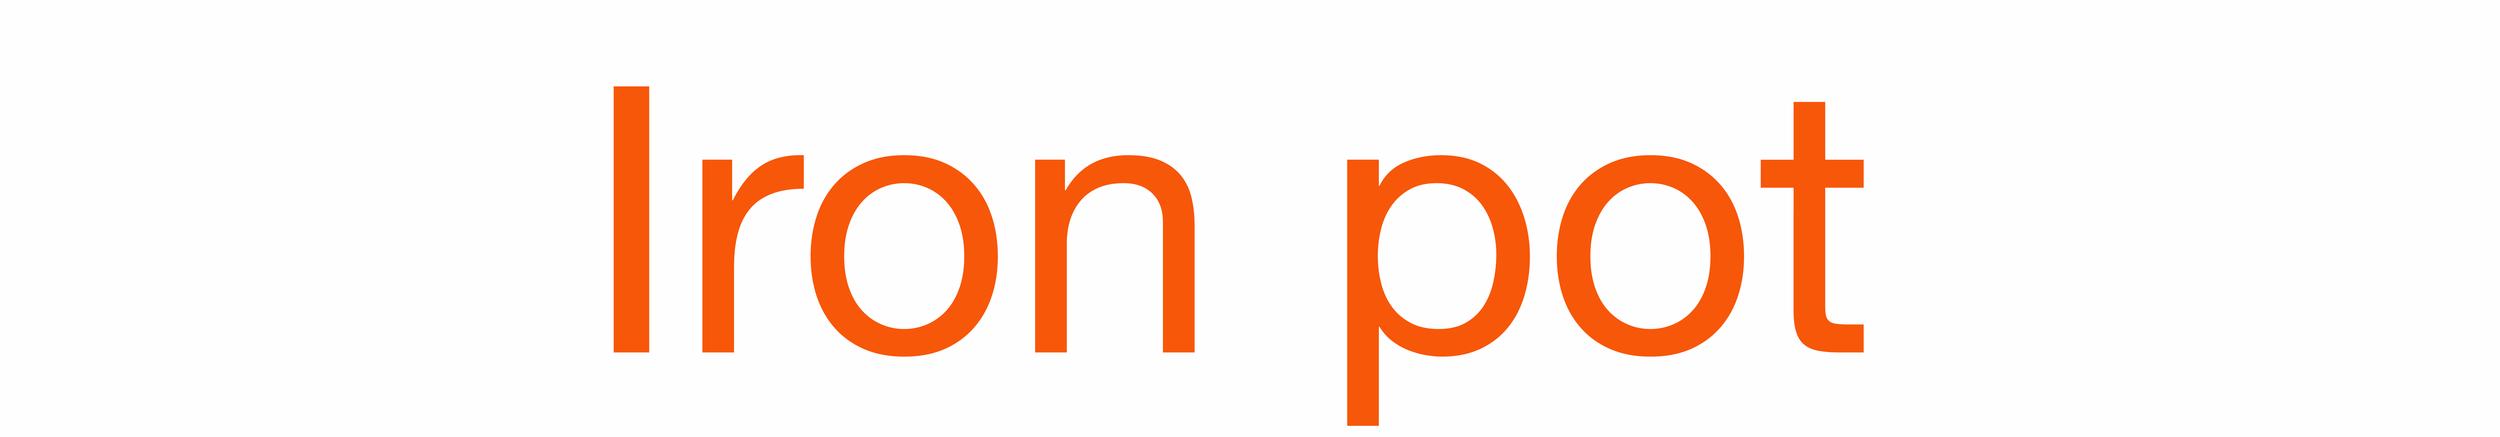 iron pot logo.png